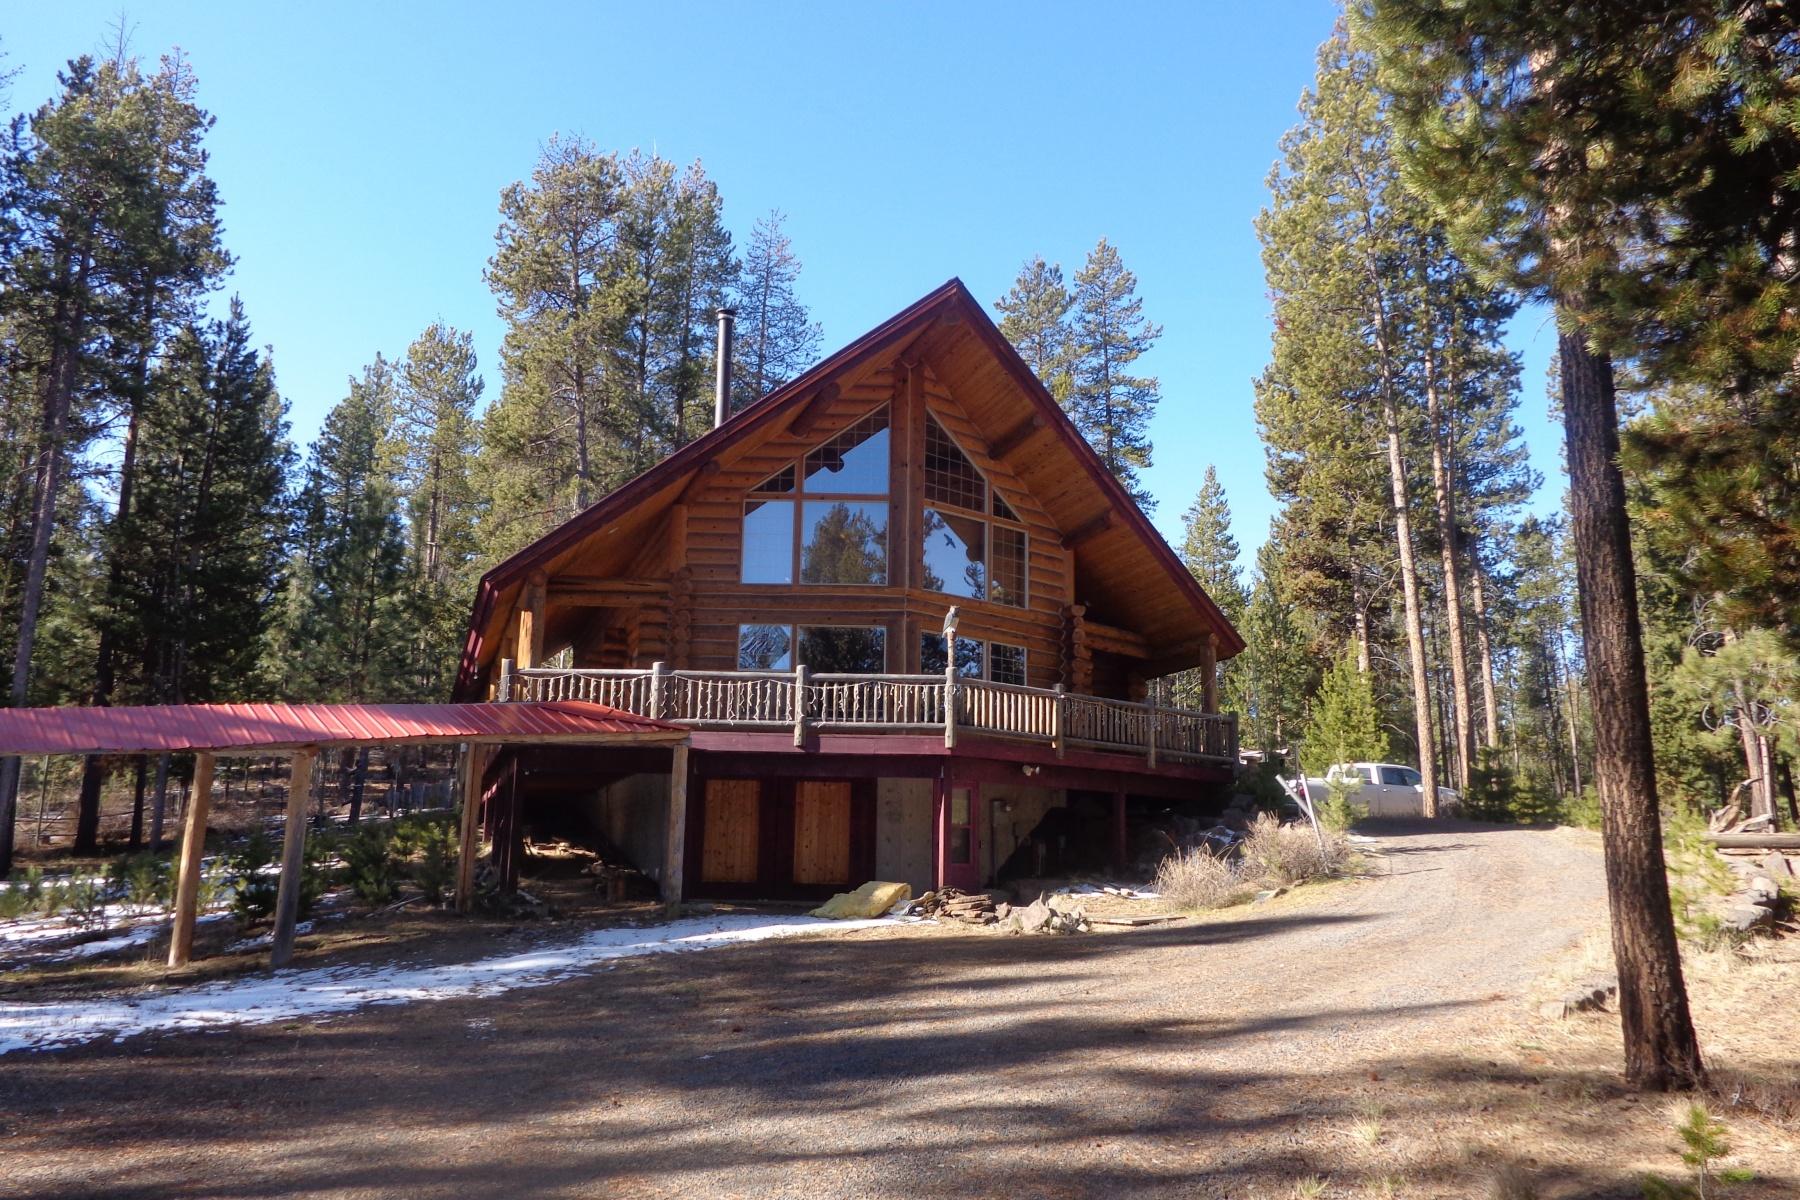 Частный односемейный дом для того Продажа на 15153 River Lp 15153 River Loop Dr Bend, Орегон 97707 Соединенные Штаты